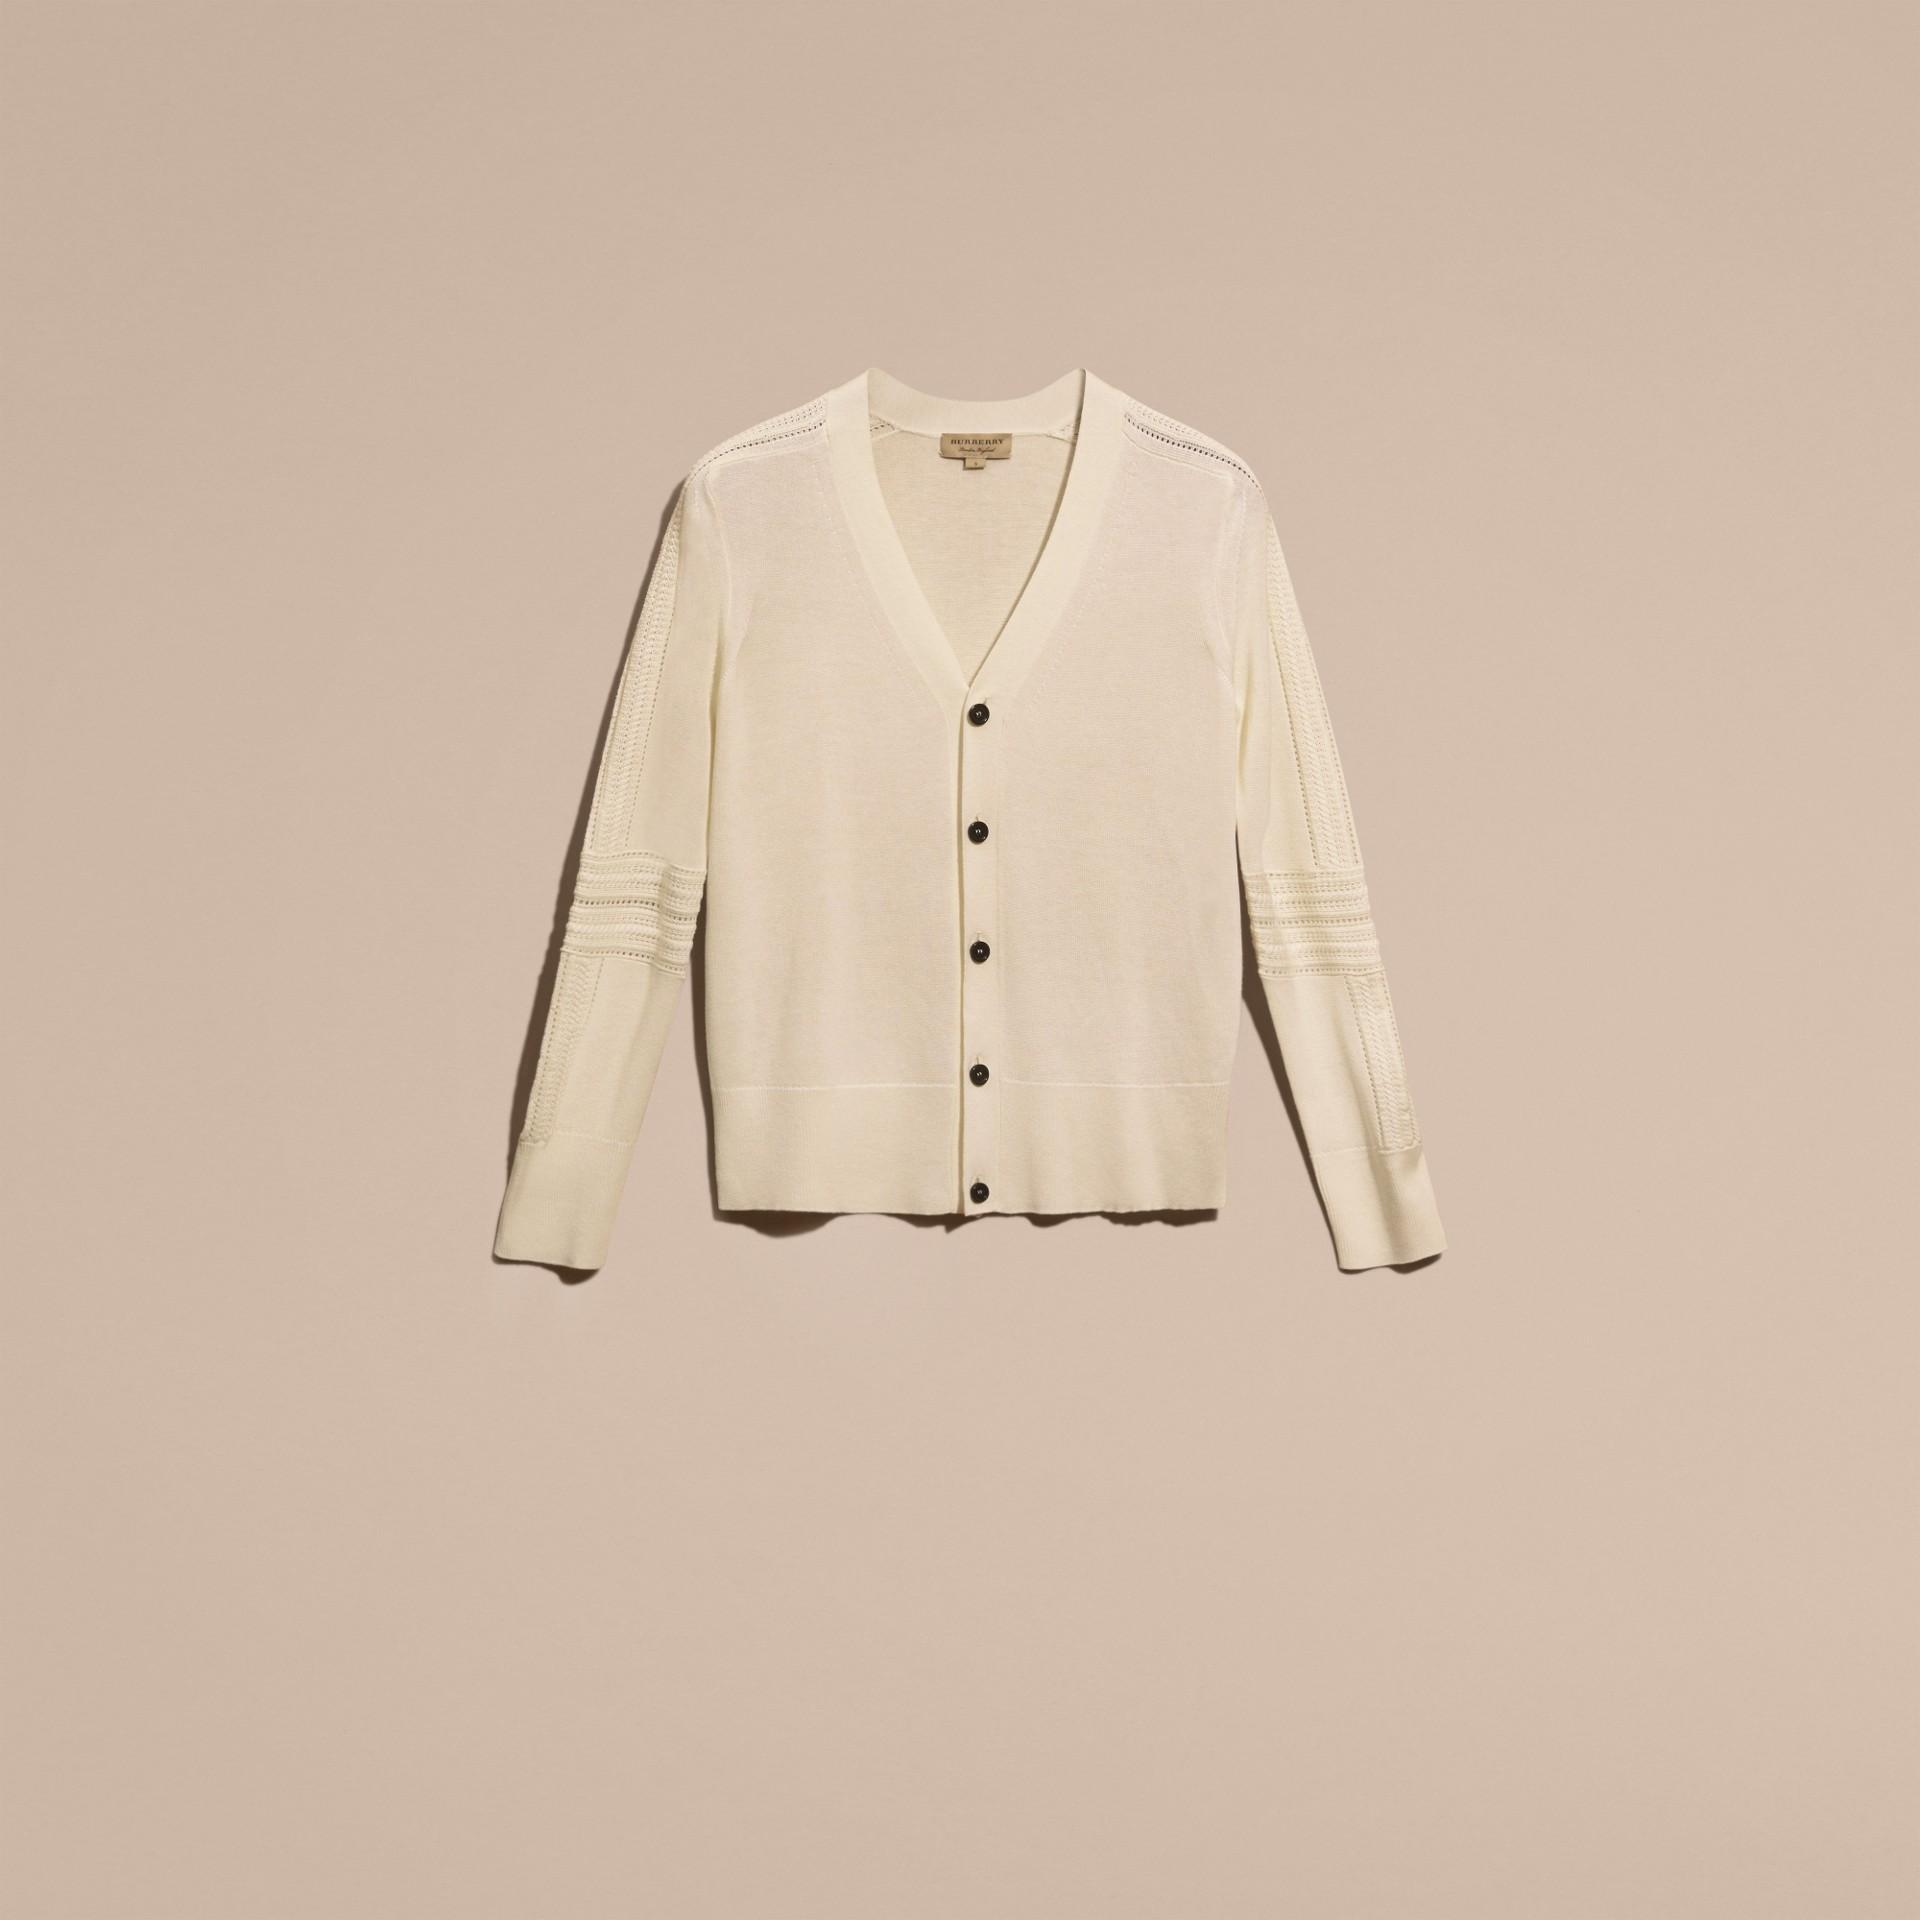 Blanc naturel Cardigan en laine et soie avec garnitures ajourées Blanc Naturel - photo de la galerie 4